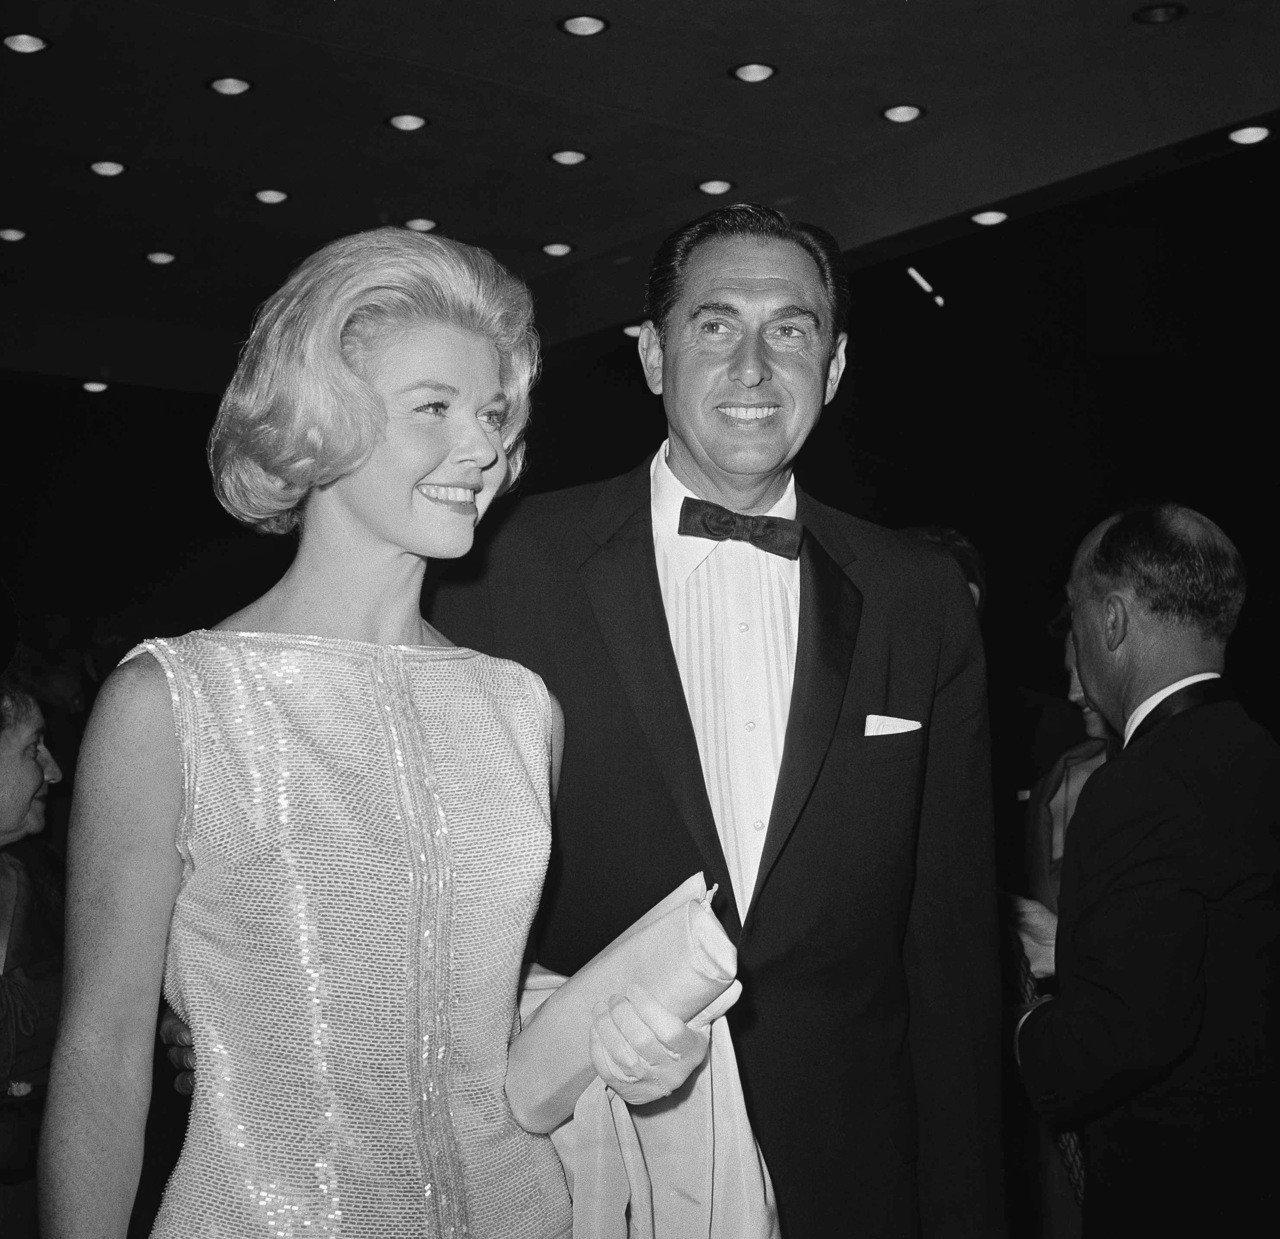 桃樂絲黛1960年以浪漫喜劇經典「枕邊細語」得到奧斯卡最佳女主角獎提名,與製片丈...